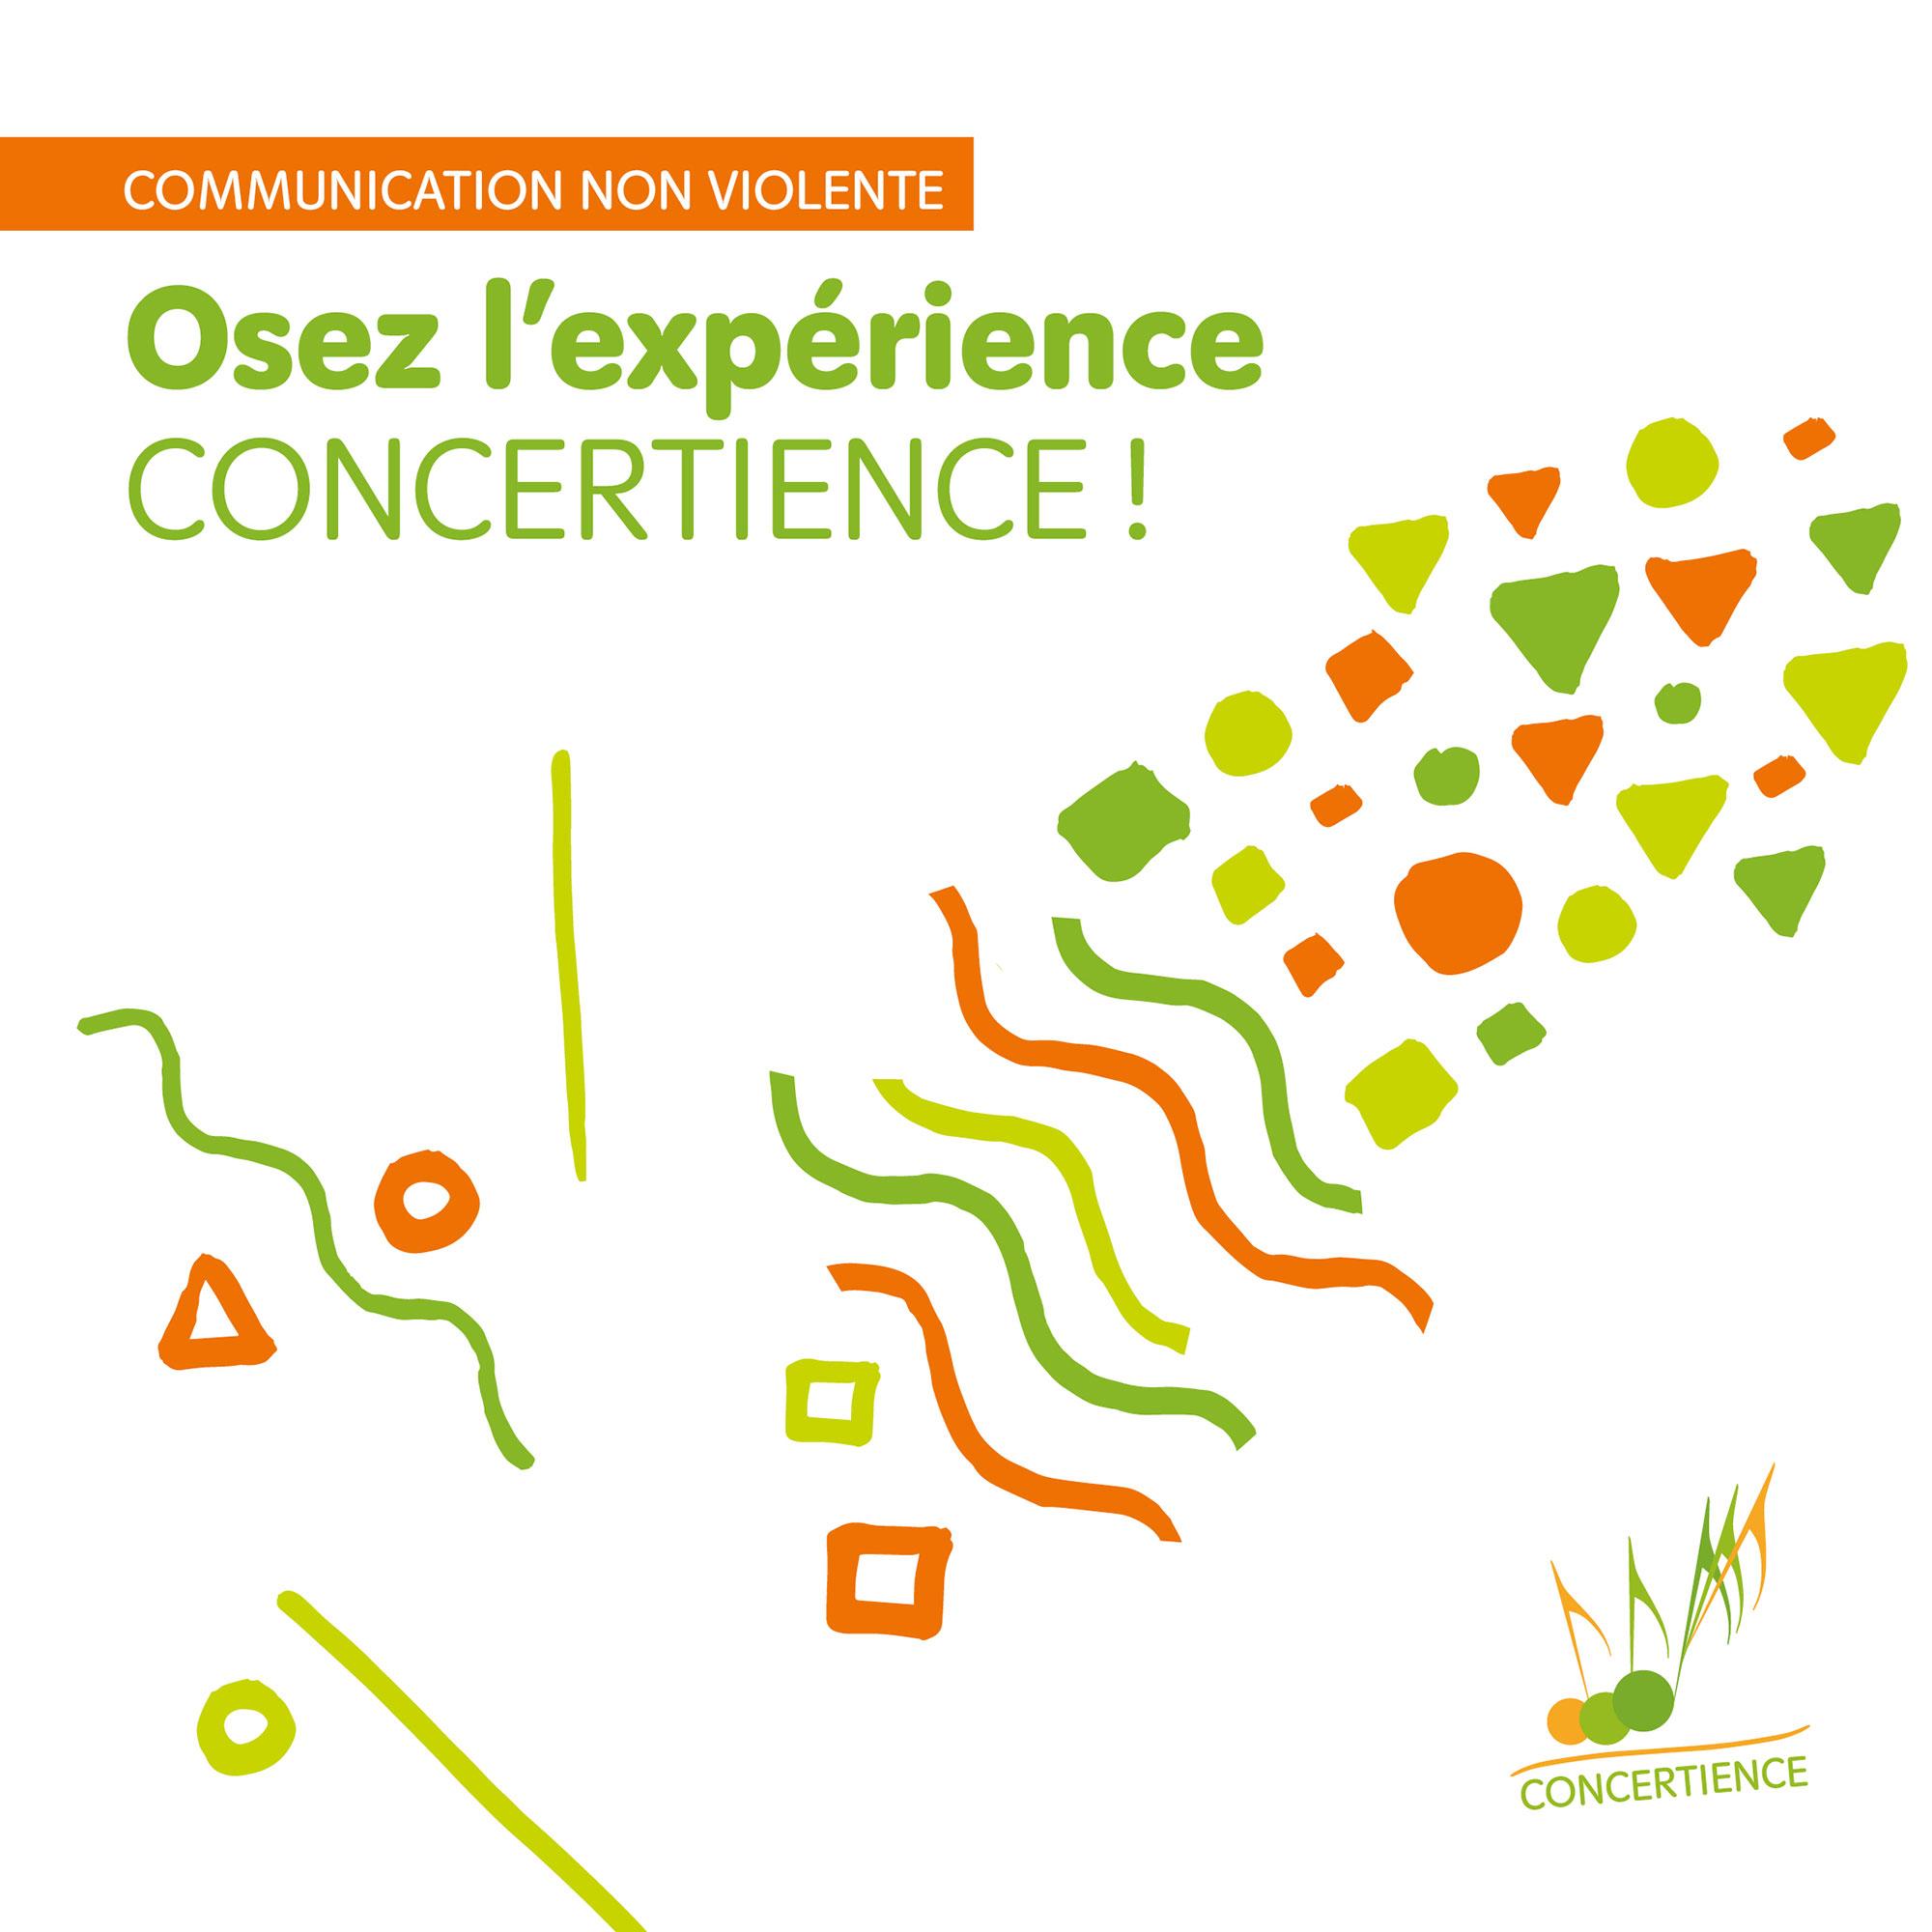 plaquette concertience communication non violente françoise keller